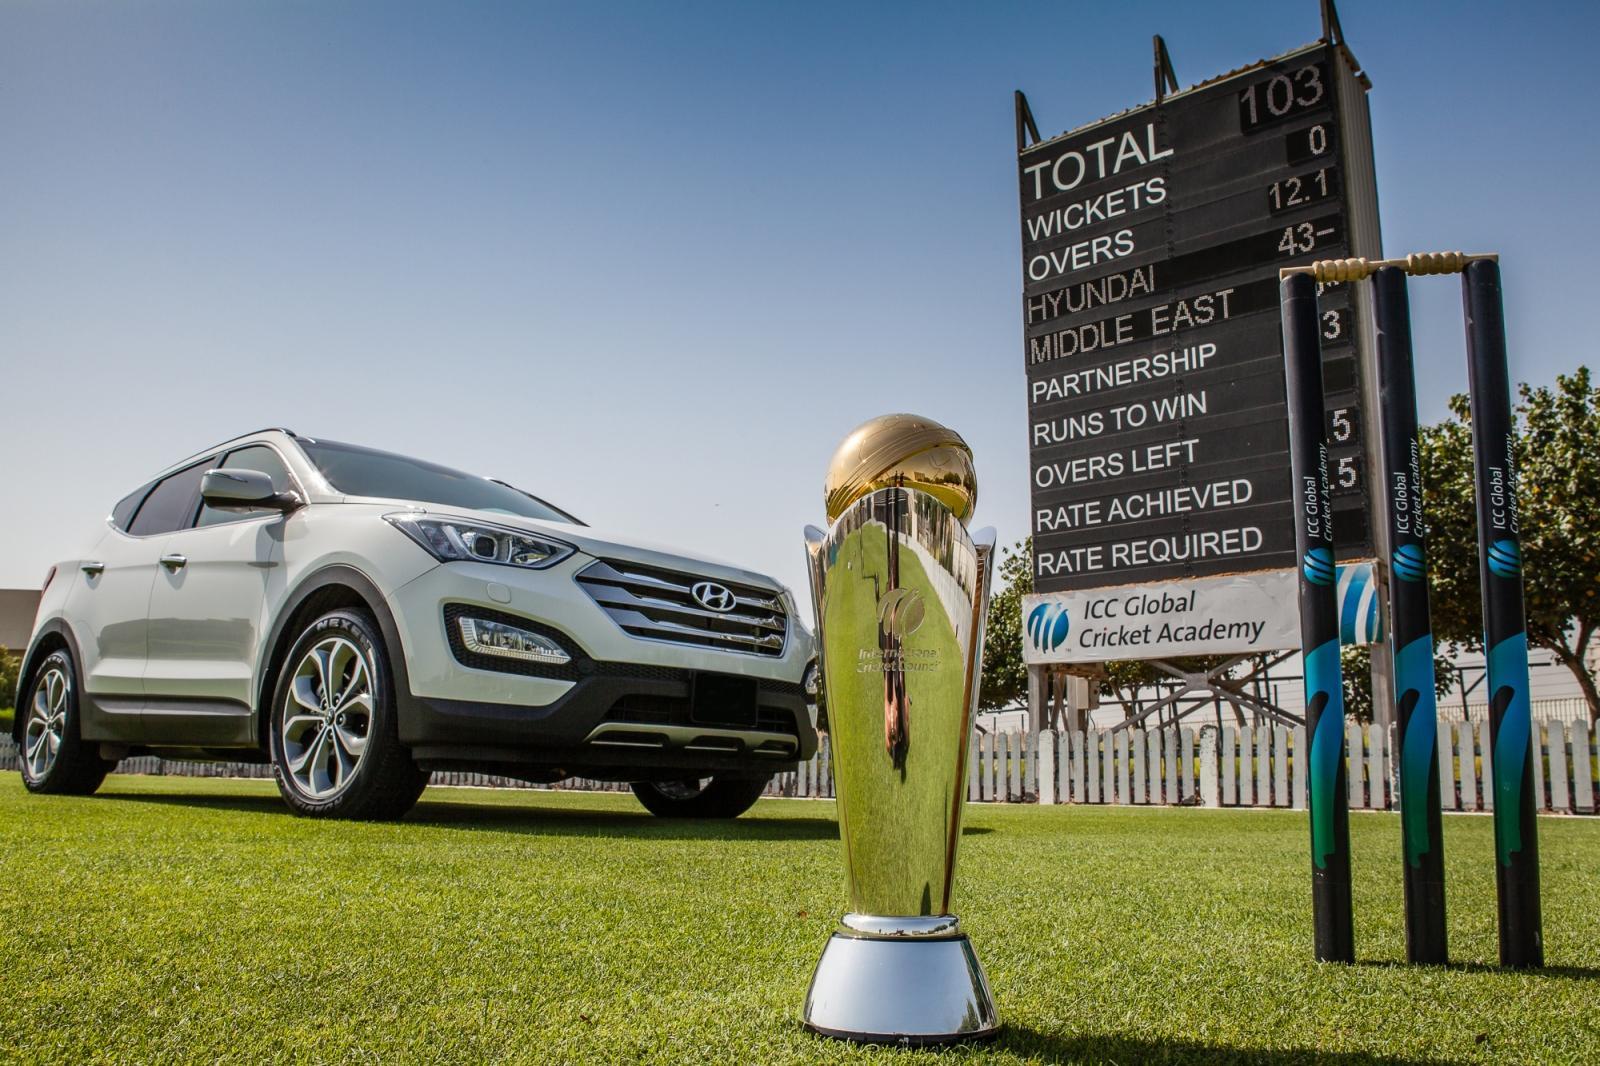 چیمپئنز ٹرافی کے وارم اپ مقابلوں کا آغاز آج یعنی 30 مئی سے جبکہ باضابطہ مقابلوں کا آغاز 6 جون سے ہو رہا ہے (تصویر: ICC)